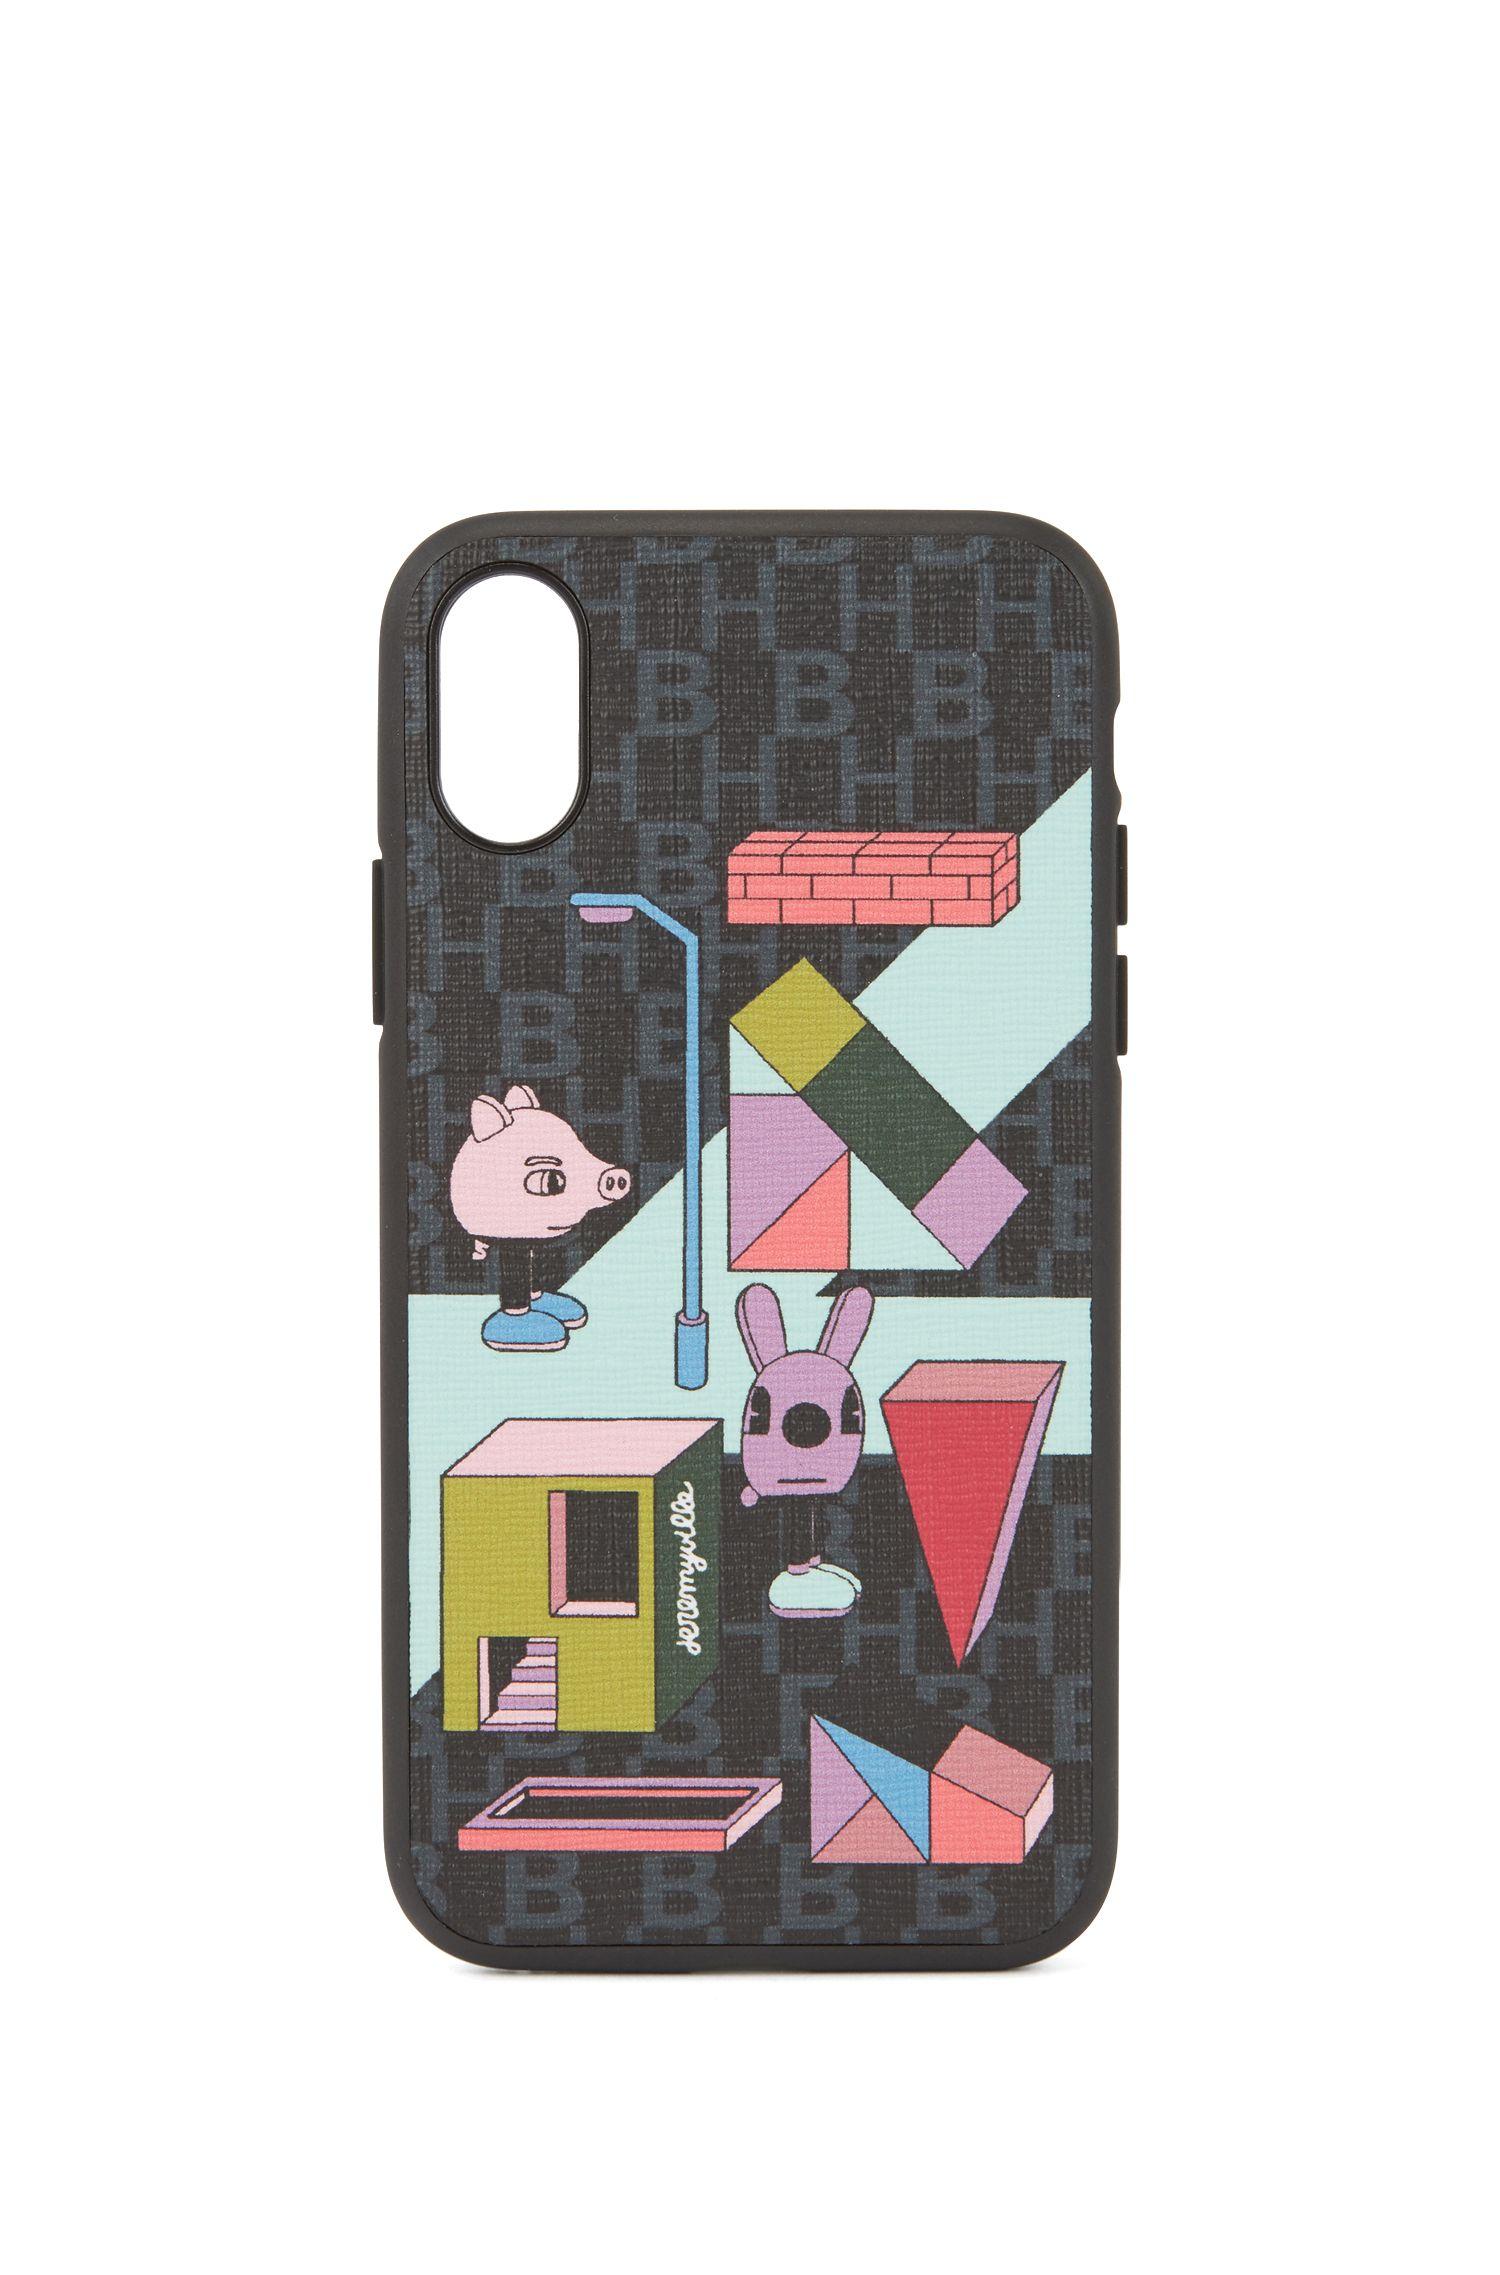 Limited Edition Hülle für iPhoneX mit mehrfarbigem Jeremyville-Print, Gemustert